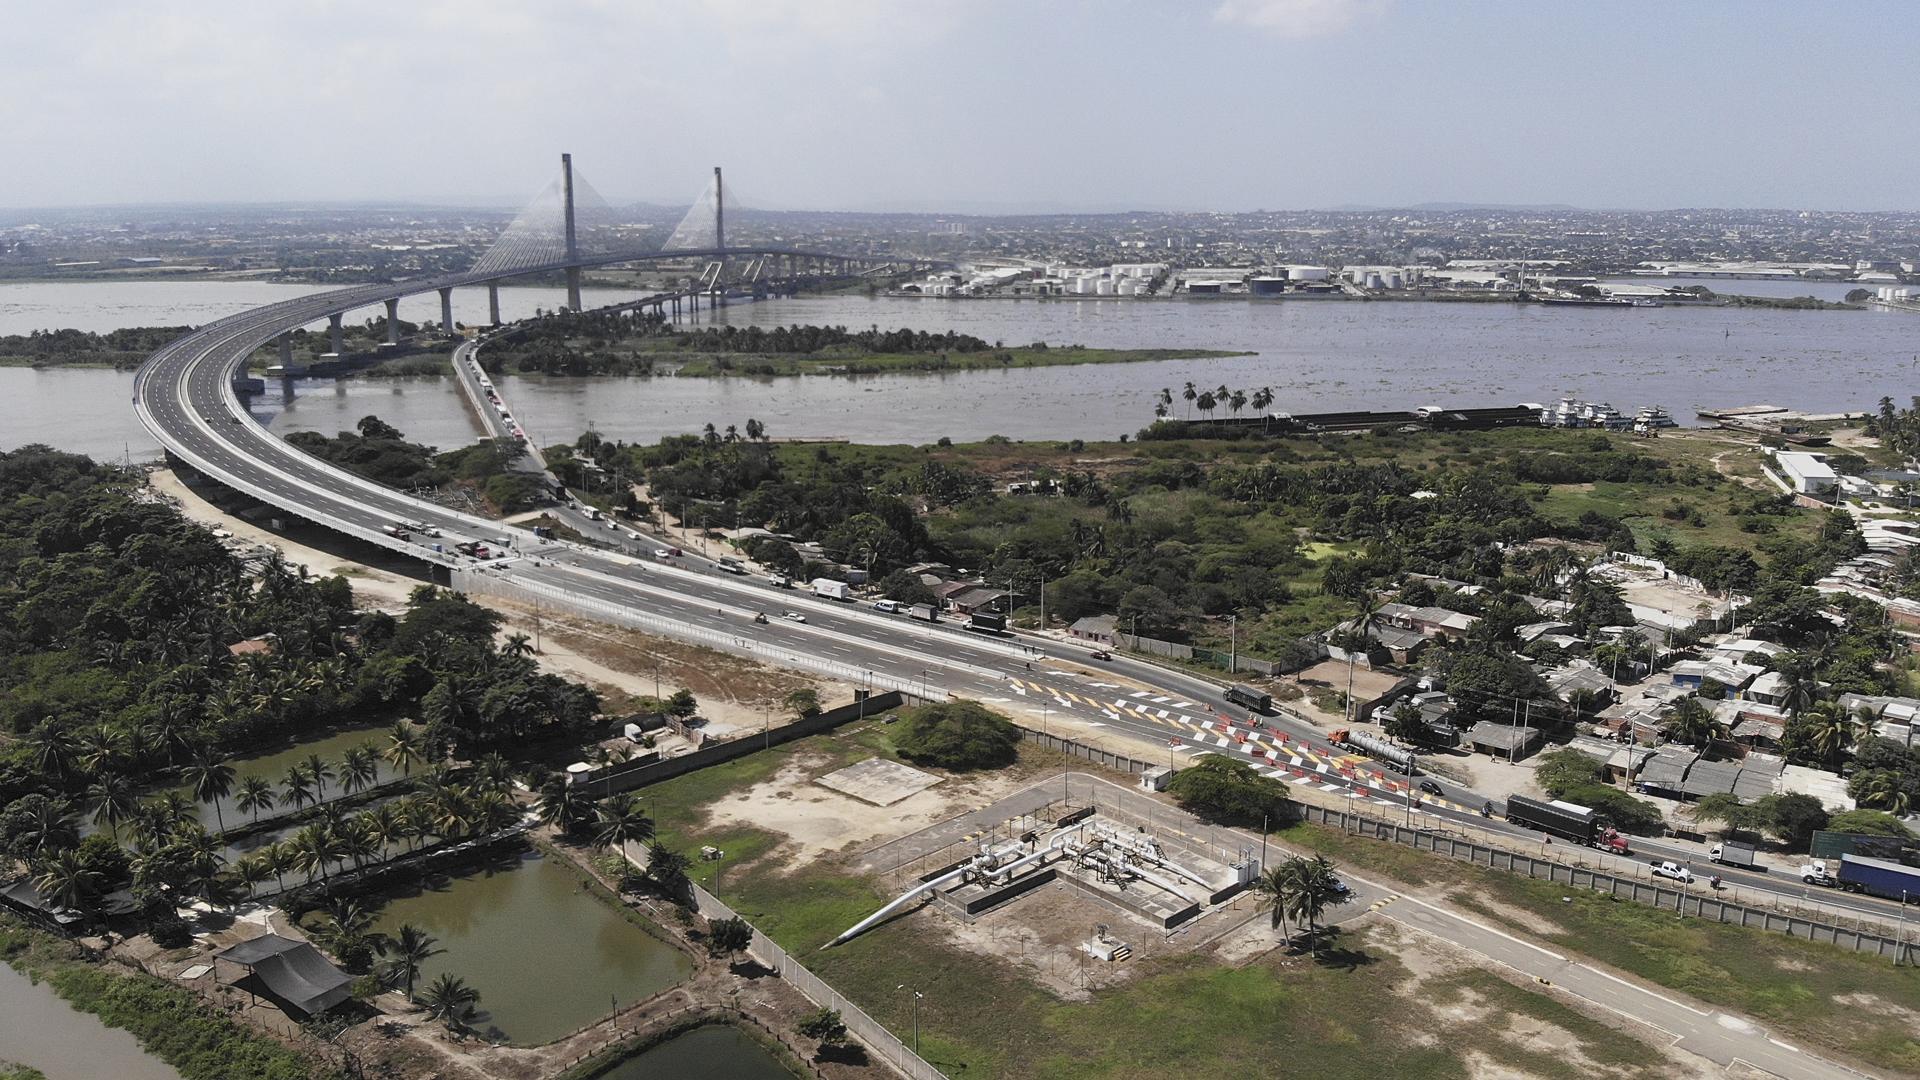 Aspecto del empalme del nuevo puente con la vía que comunica a Barranquilla con Santa Marta.